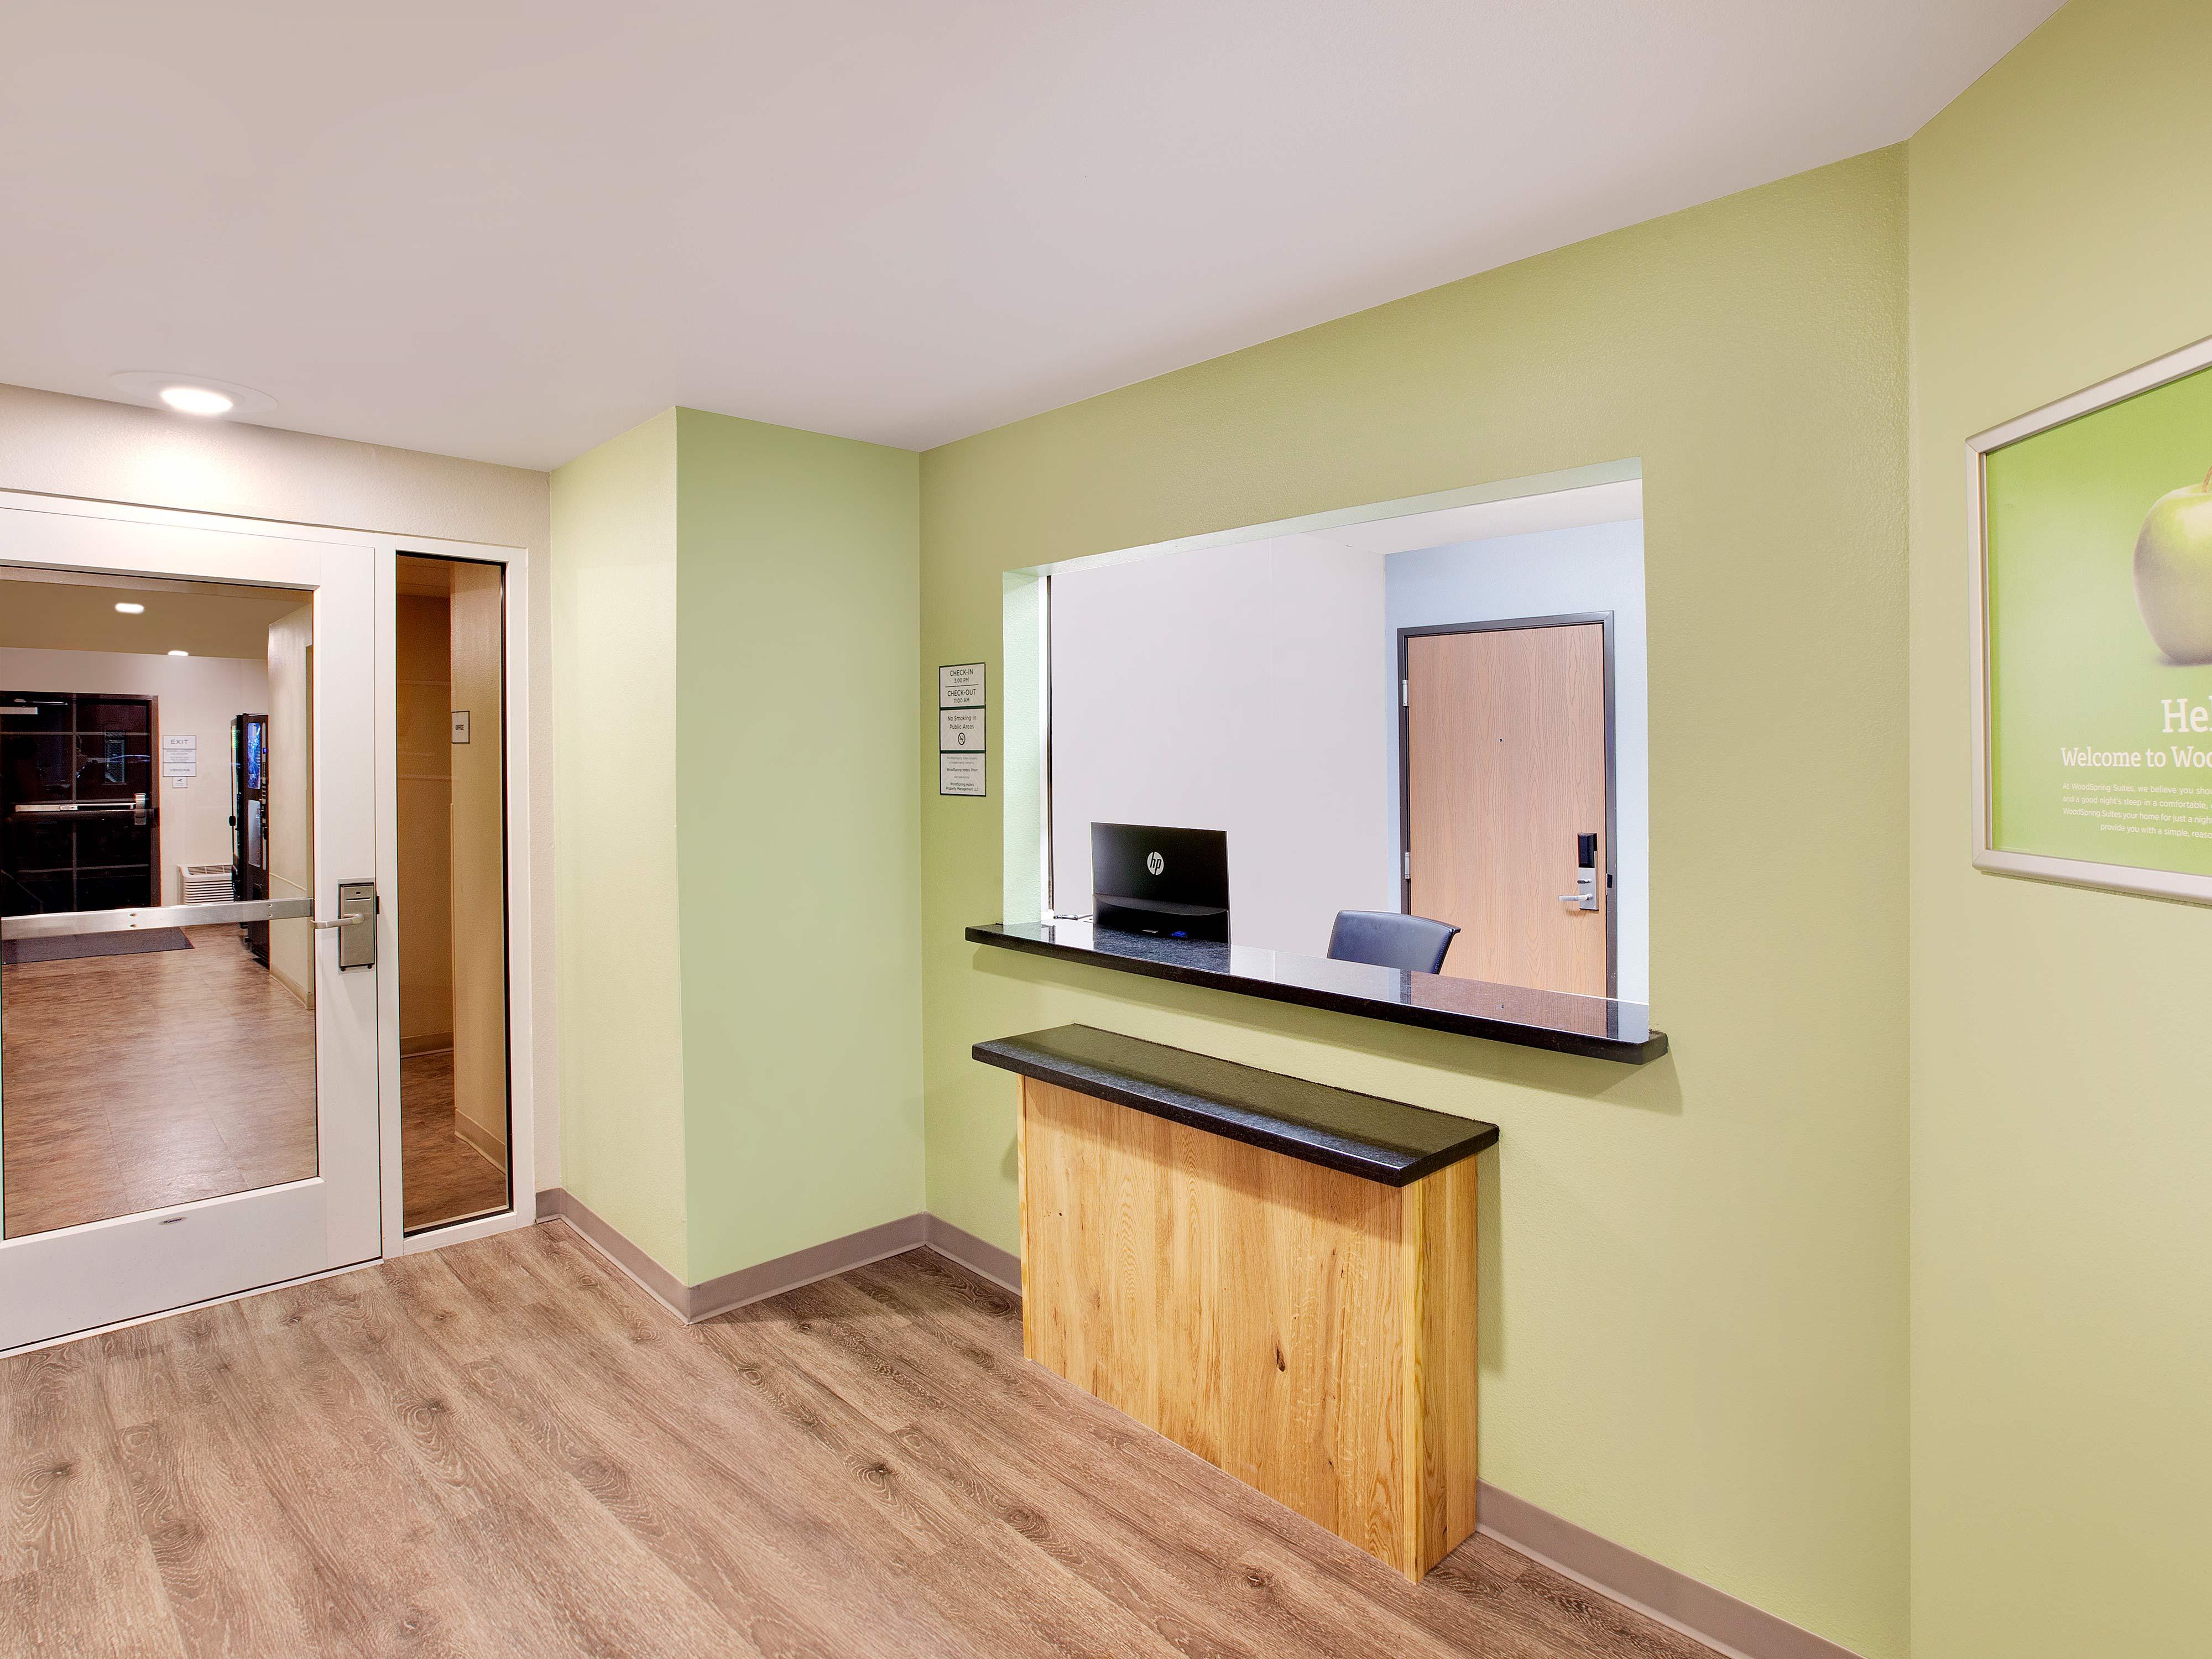 WoodSpring Suites Pharr